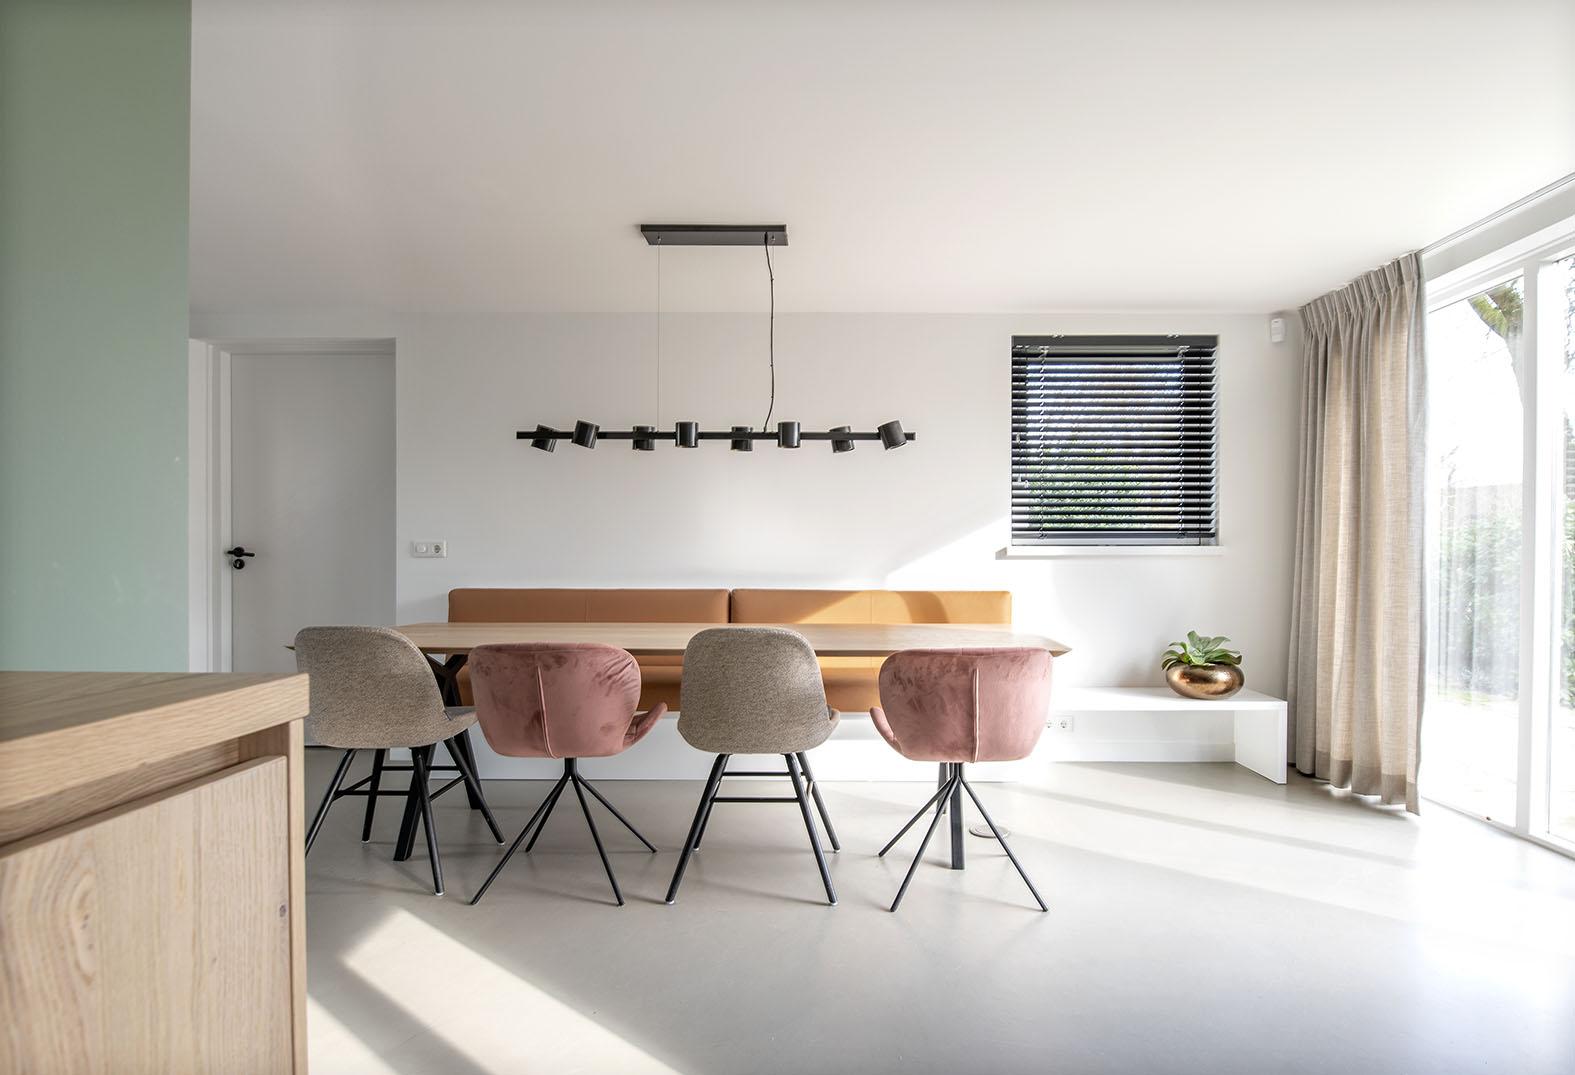 Grote woonkeuken groen interieuradvies Den Bosch Engelen stylen eetbank op maat maatwerk studio Henk eettafel